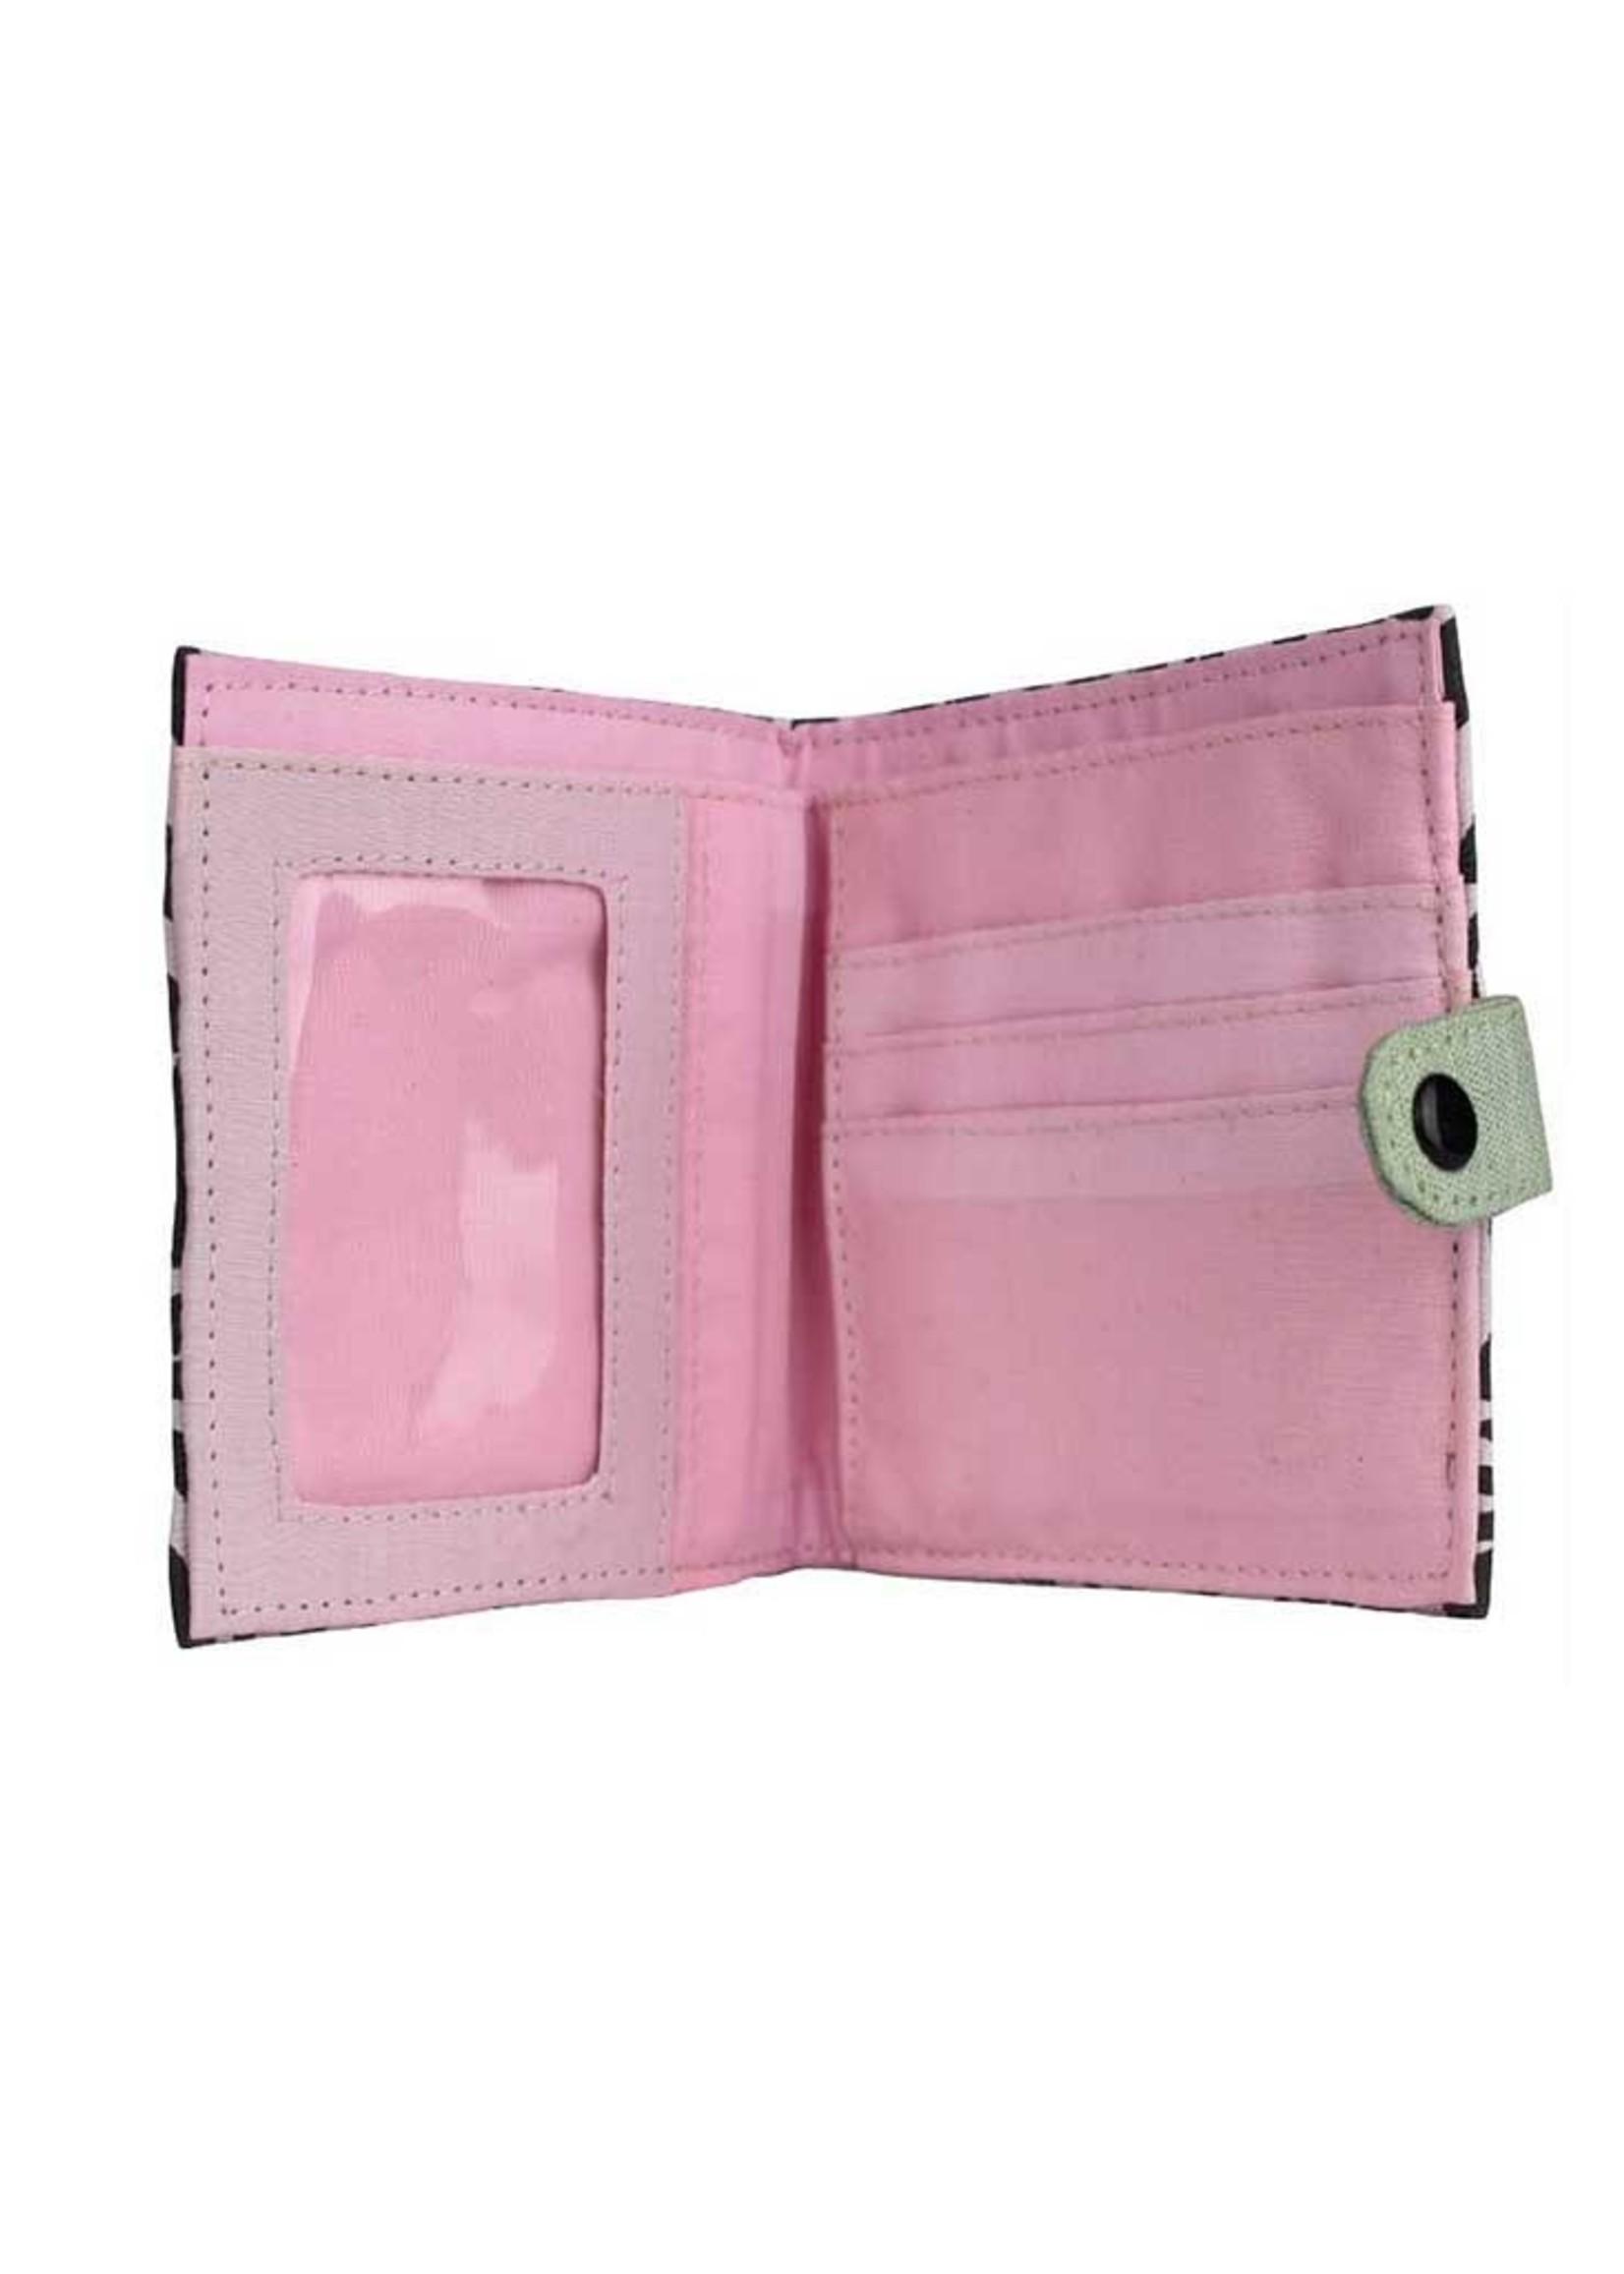 Malia Designs Square Cotton Wallet